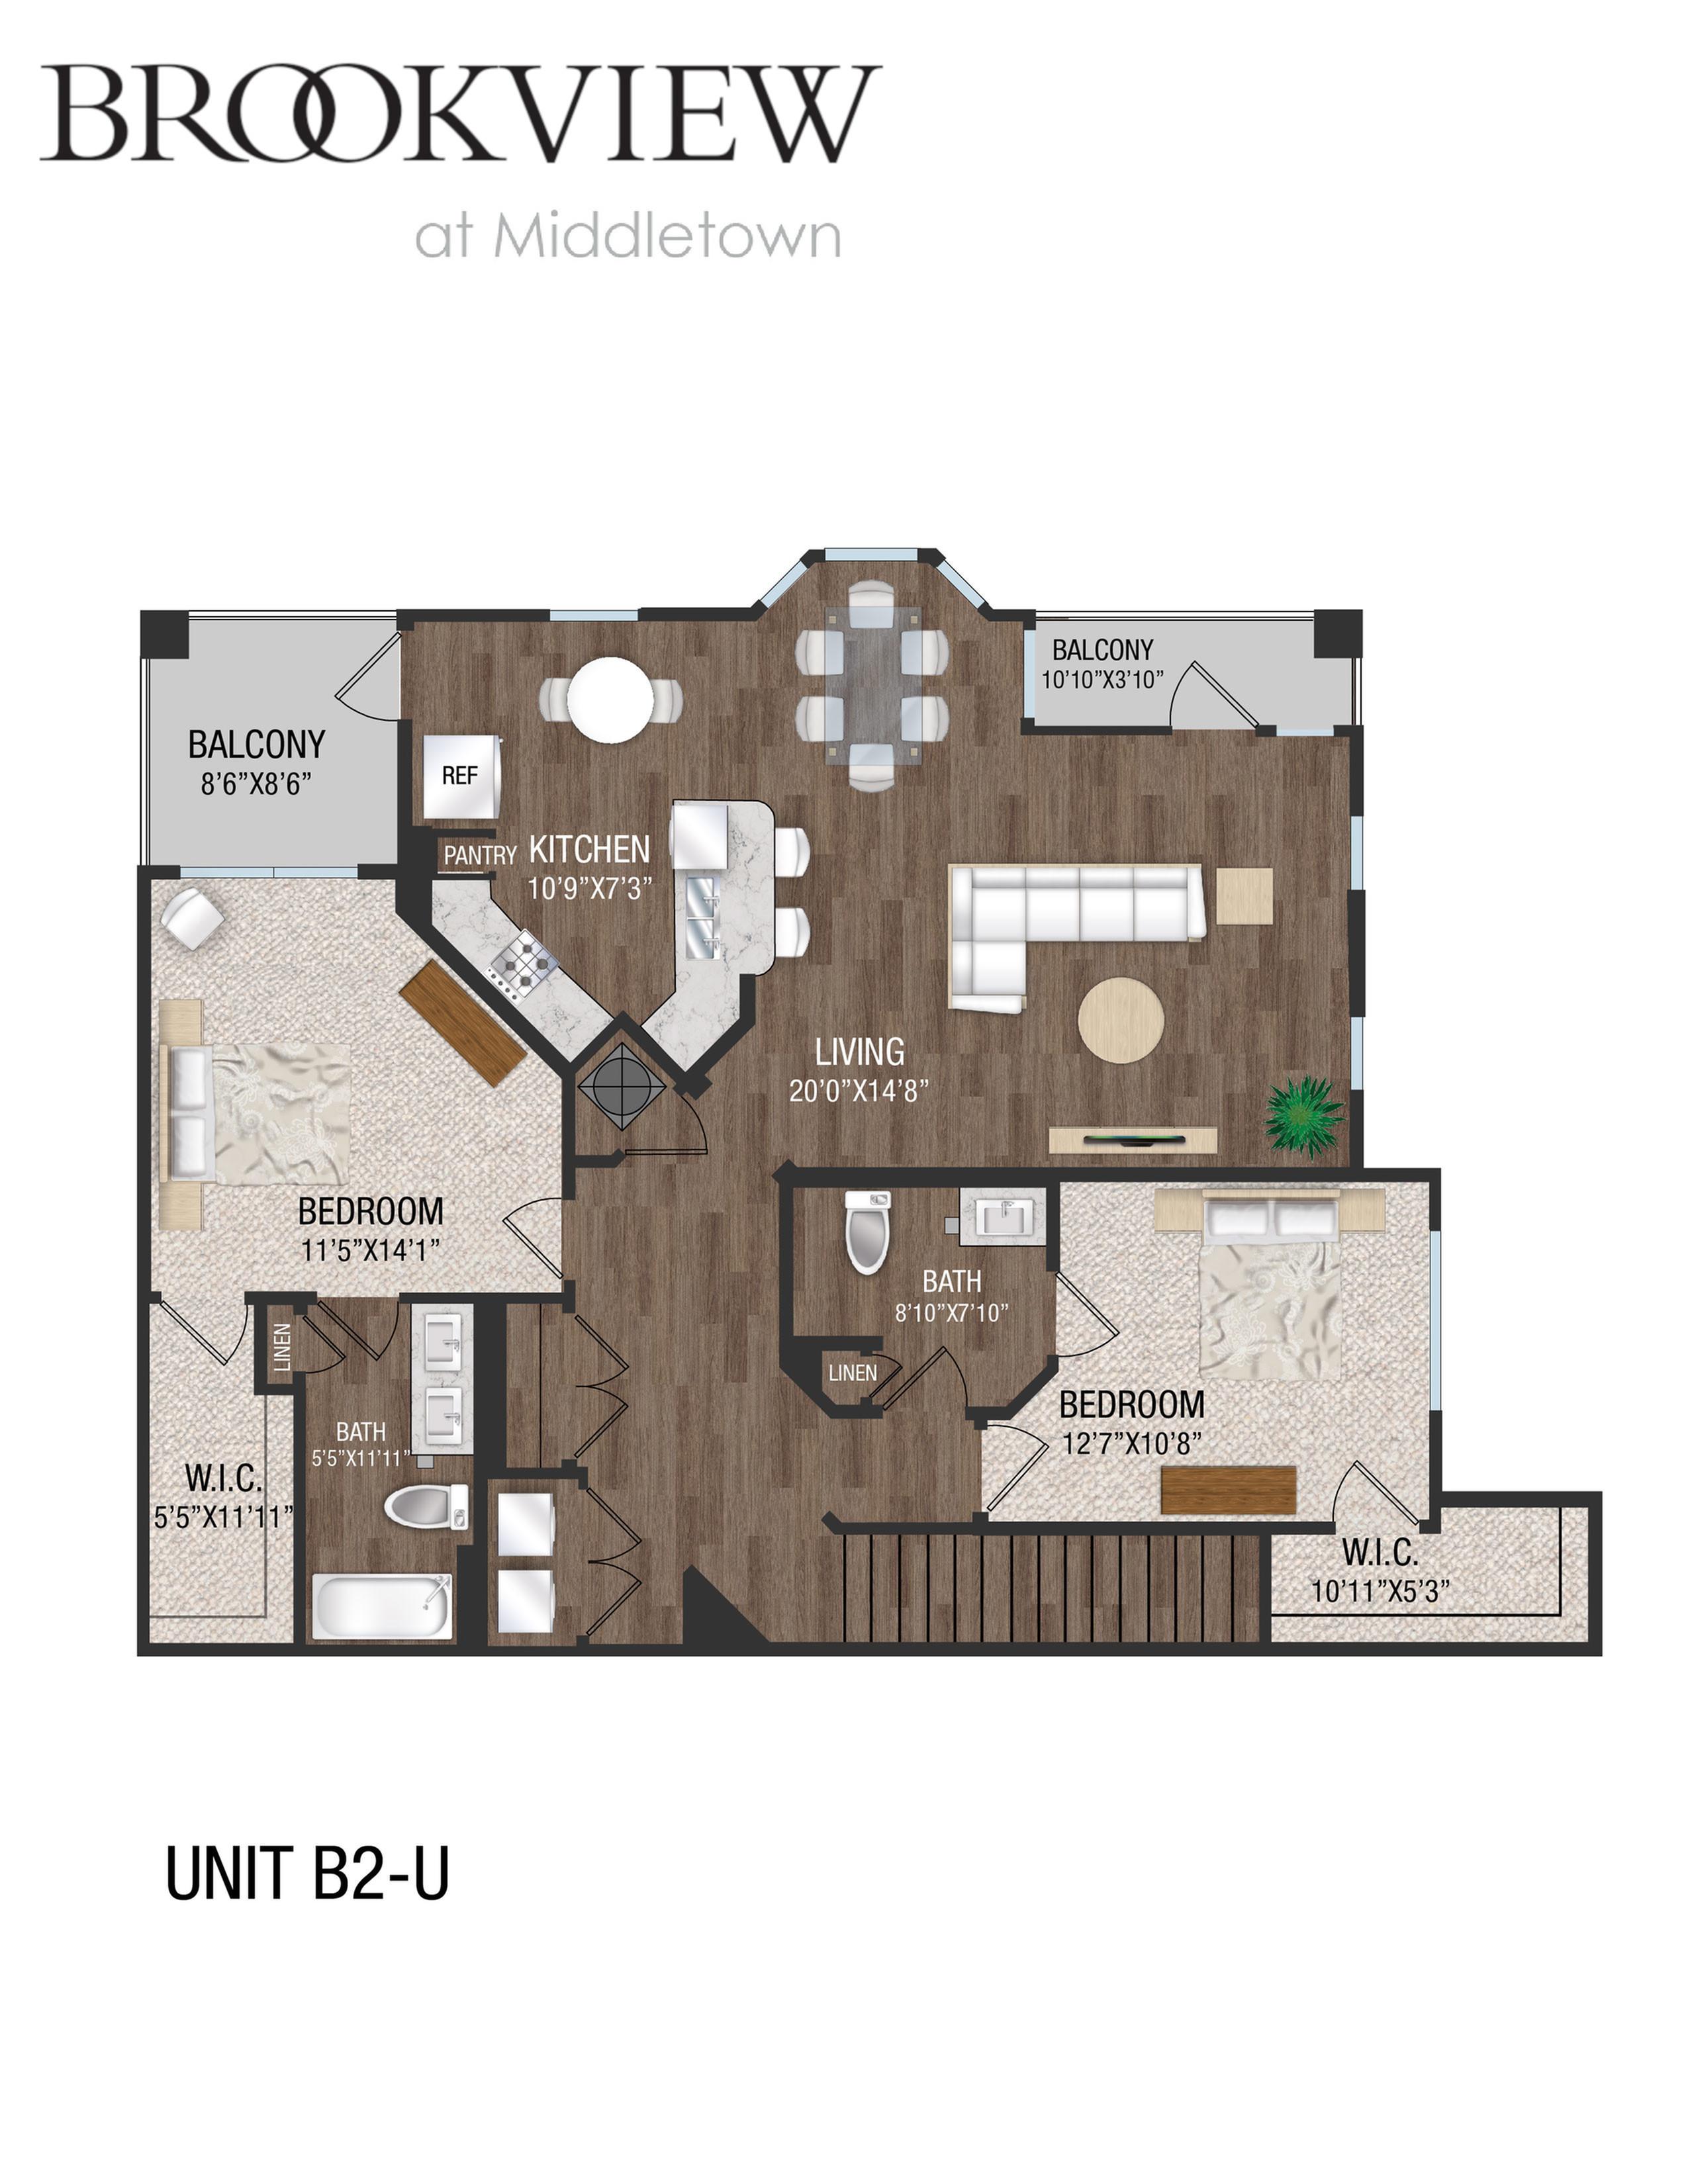 2 Bed 2 Bath - B2U